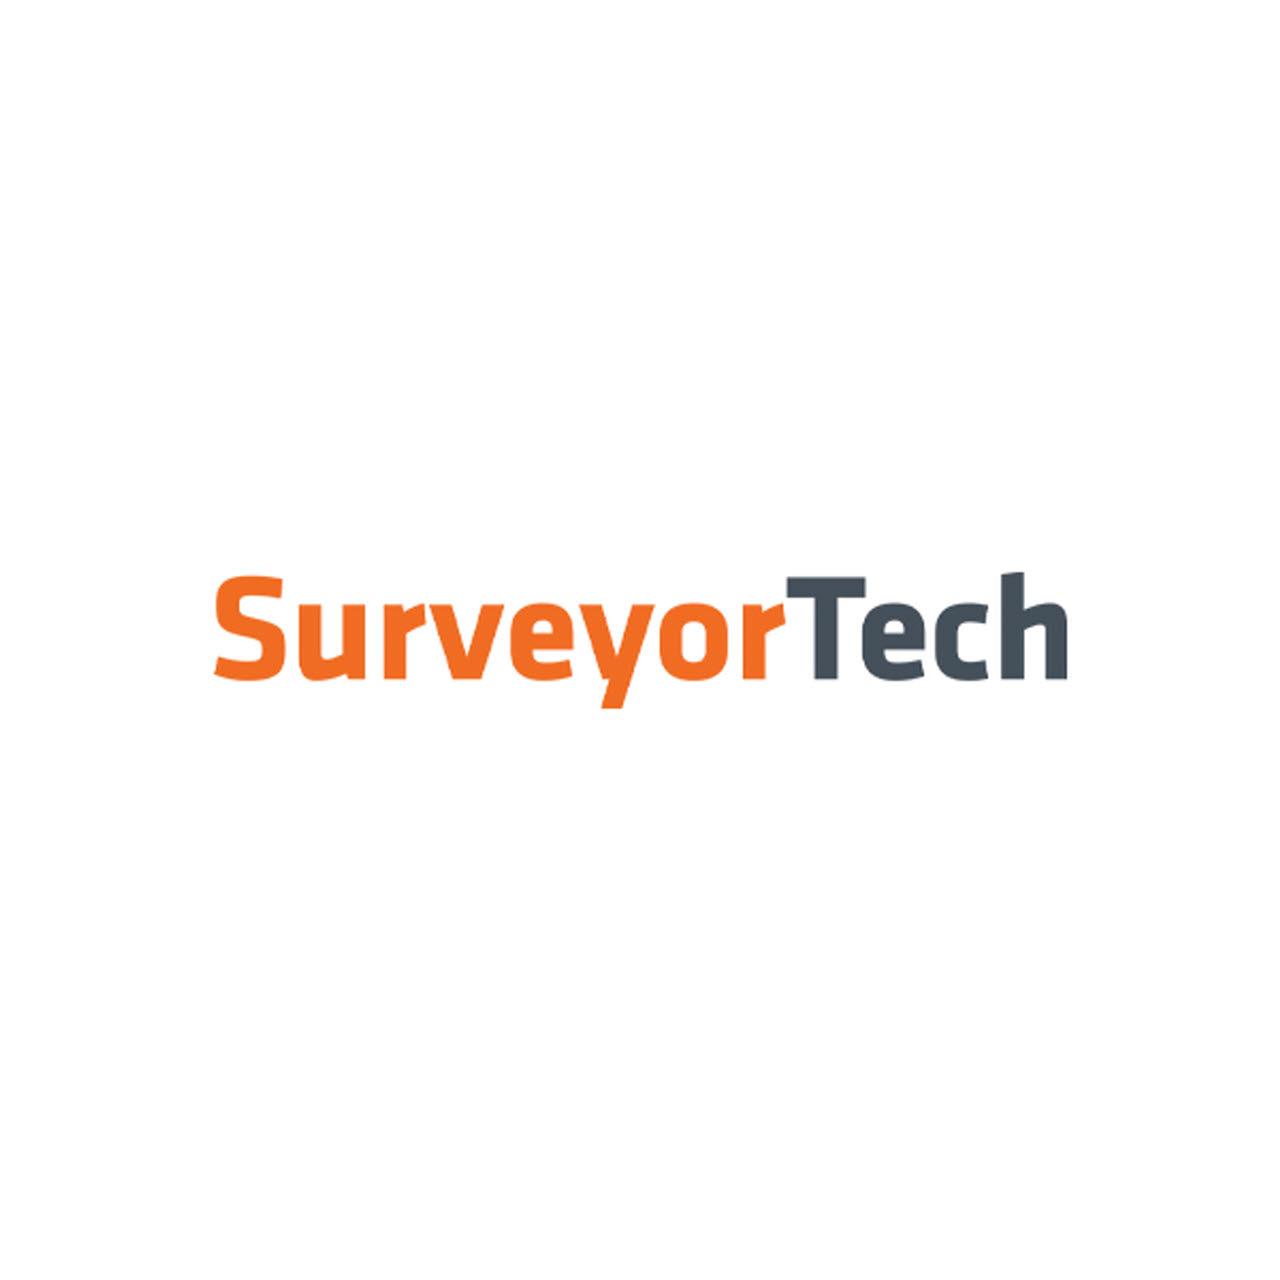 Surveyor Tech.jpg